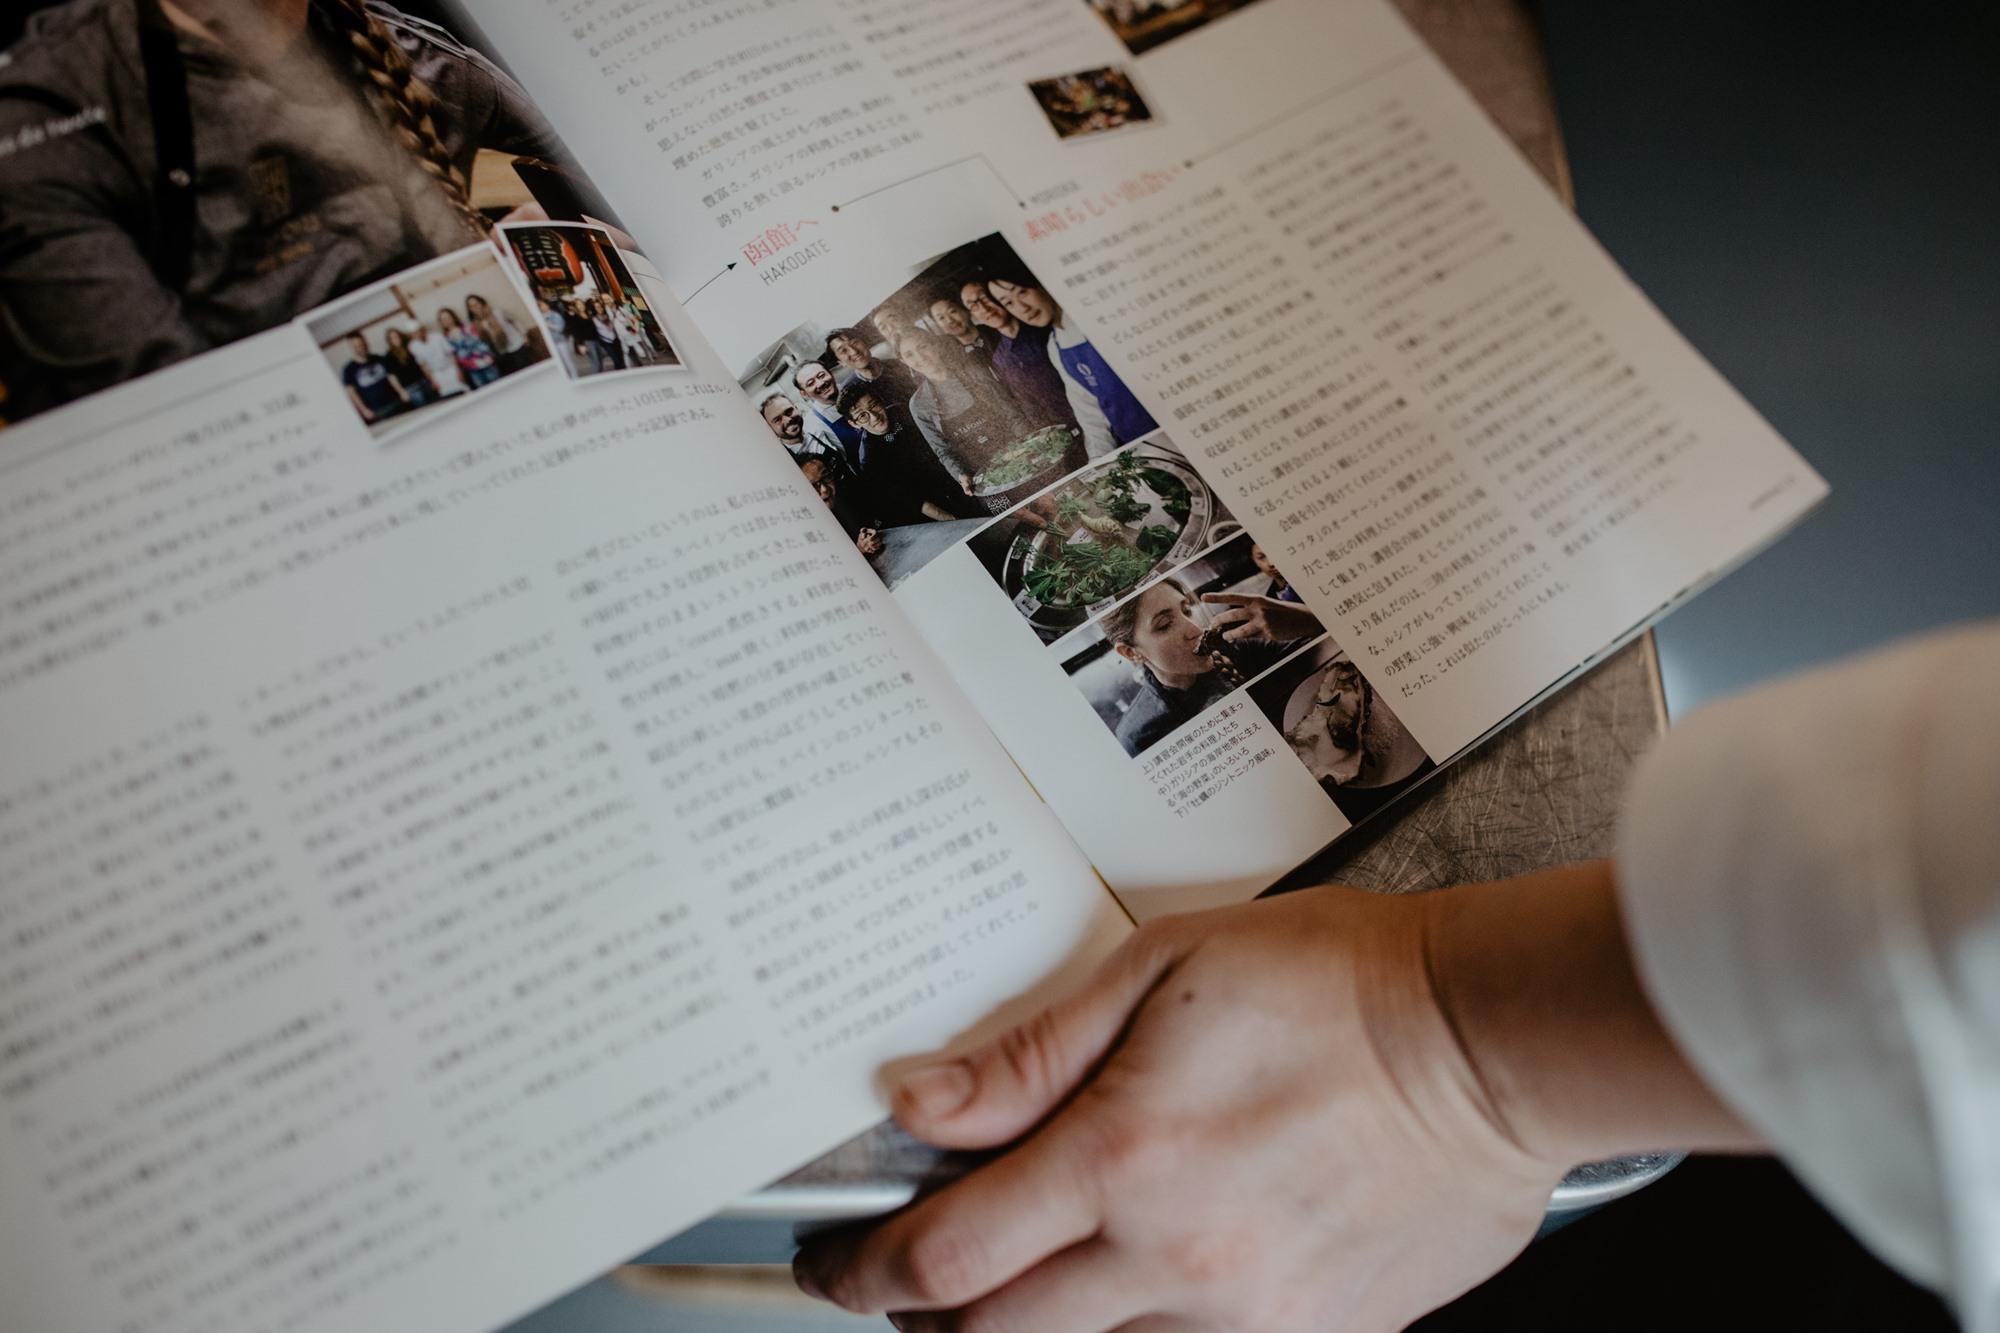 Lucía tiene un recuerdo muy vívido de su viaje a Japón.